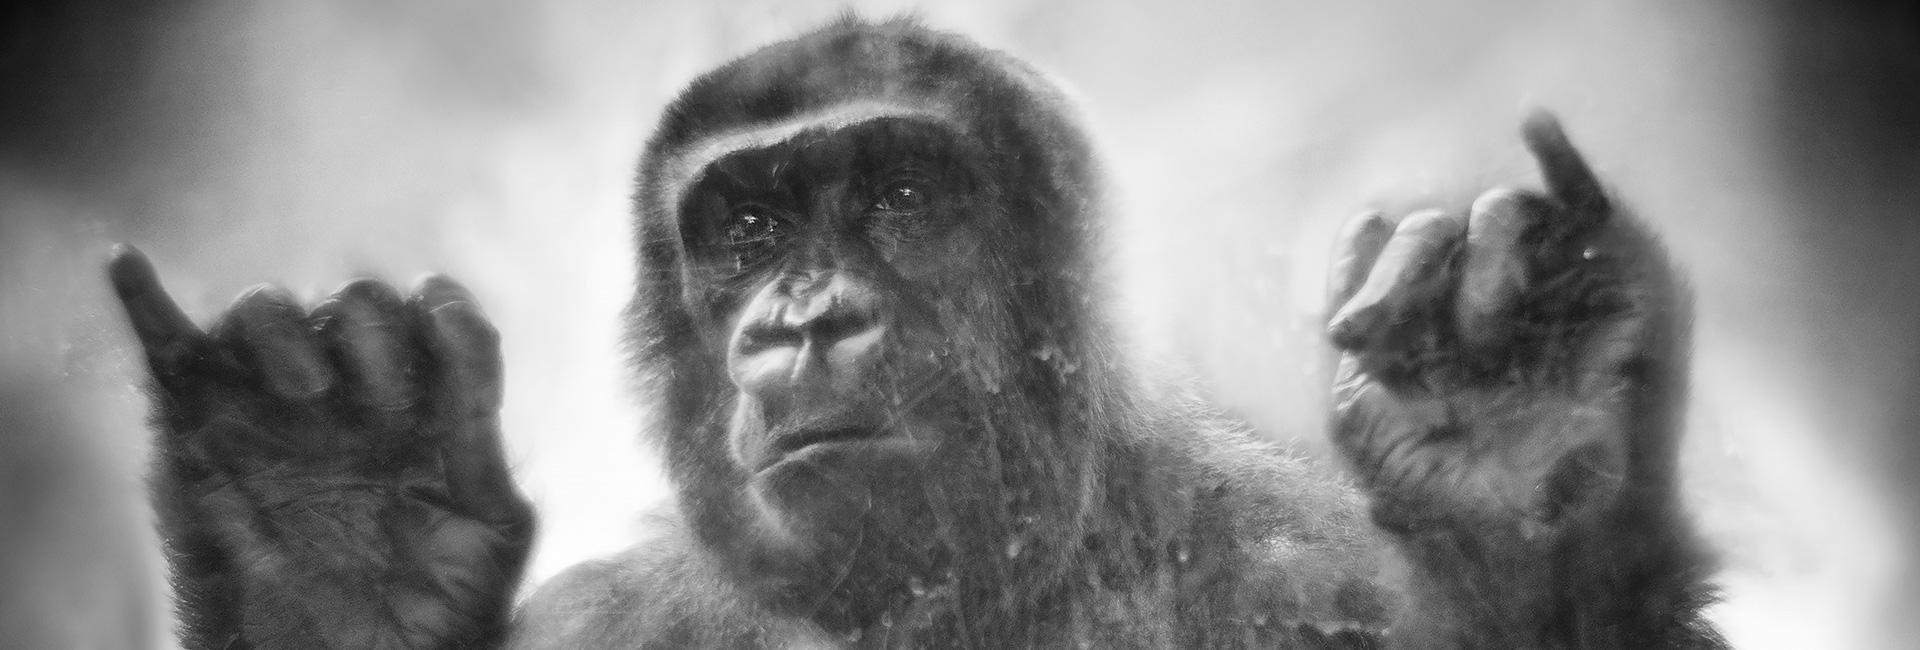 Der Affe «Boma» hinter Glasscheiben